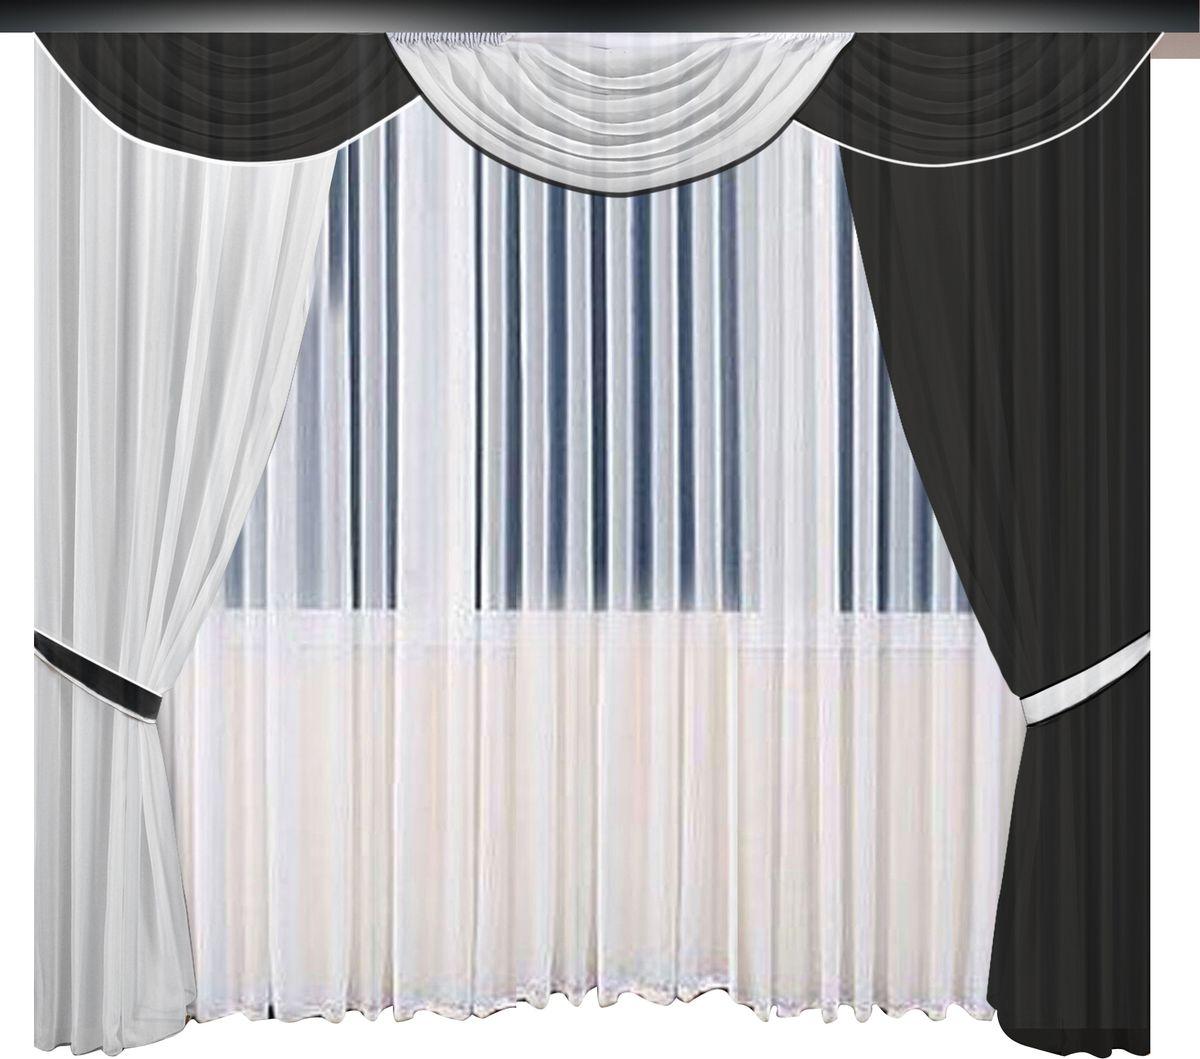 Комплект штор Zlata Korunka, на ленте, цвет: черный, белый, высота 270 см. 777063777063Комплект штор Zlata Korunka великолепно украсит любое окно. Комплект состоит из штор, тюля и ламбрекена. Для более изящного расположения на окне предусмотрены подхваты из атласной ленты.Комплект выполнен из полиэстера. Оригинальный дизайн и контрастная цветовая гамма привлекут к себе внимание и органично впишутся в интерьер комнаты. Все предметы комплекта оснащены шторной лентой для собирания в сборки.